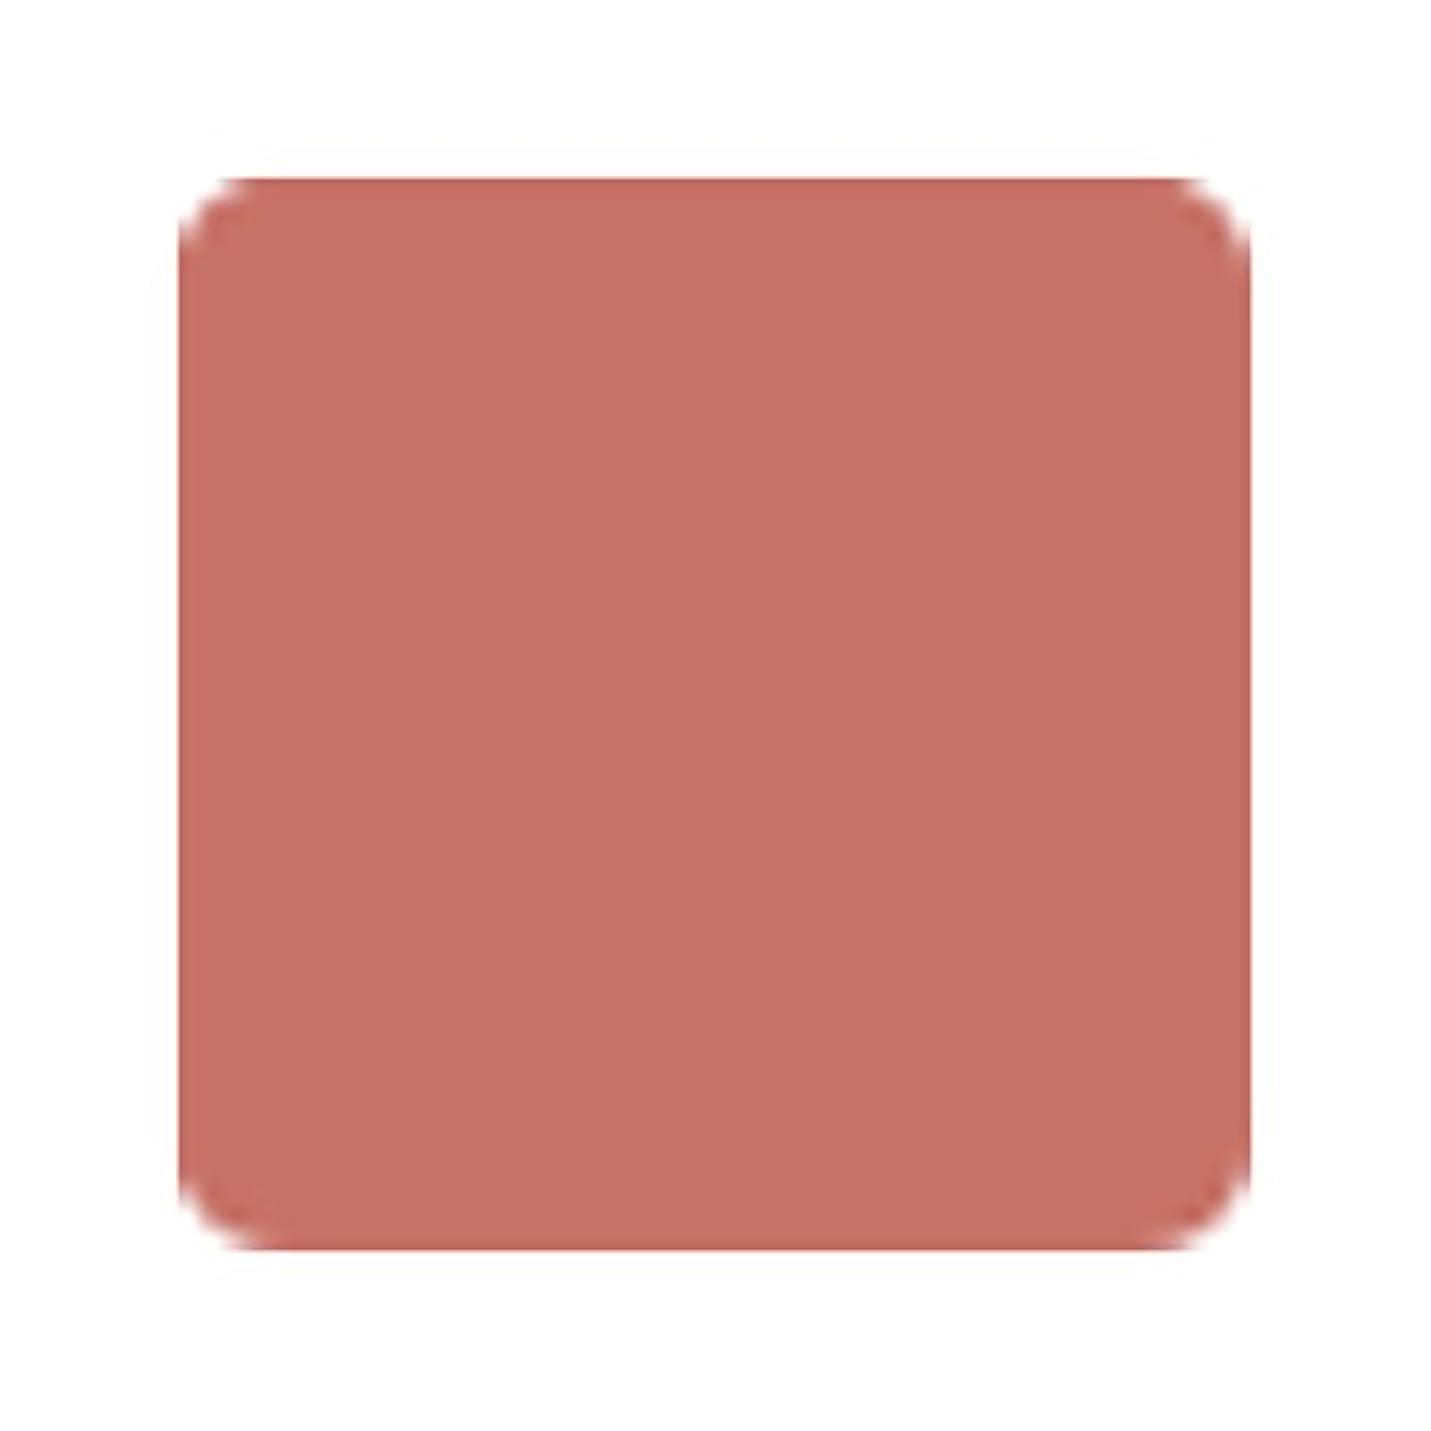 大胆なストローク添付ランコム ルージュ イン ラブ- # 200B Rose The 4.2ml/0.12oz並行輸入品